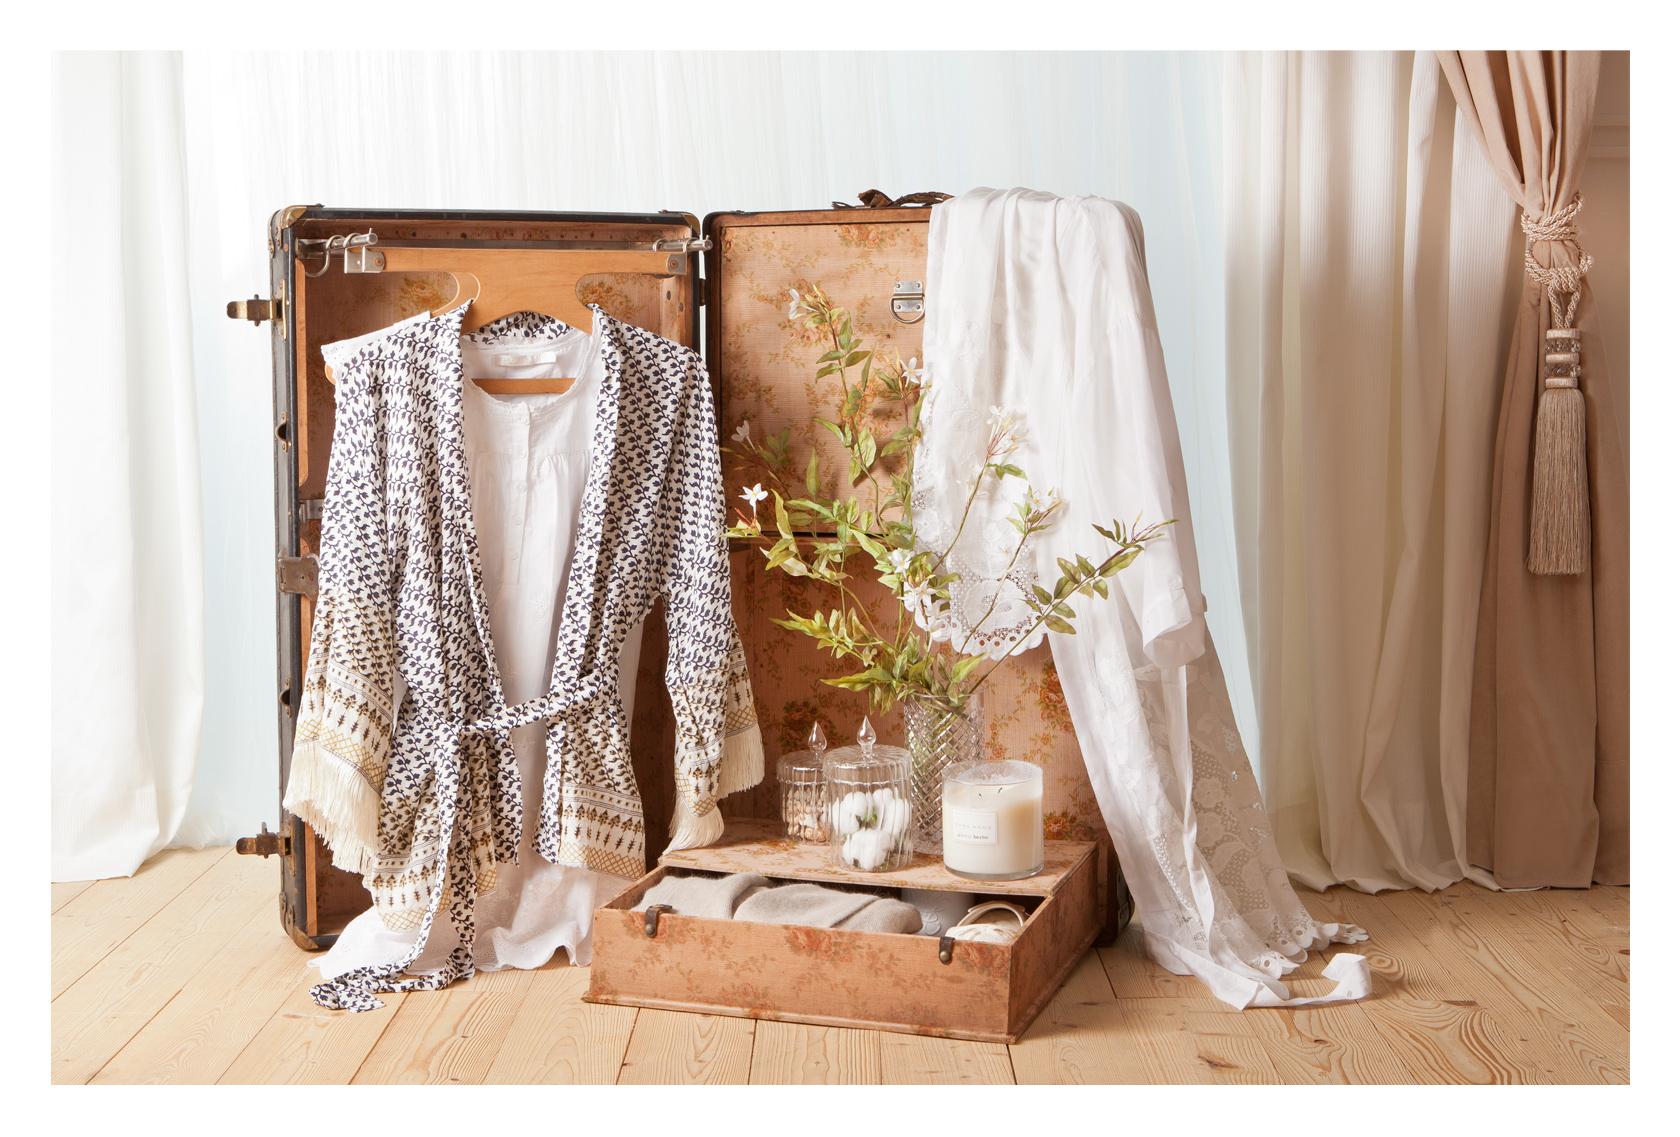 Catalogo zara home ottobre 2013 8 design mon amour - Zara home bagno ...